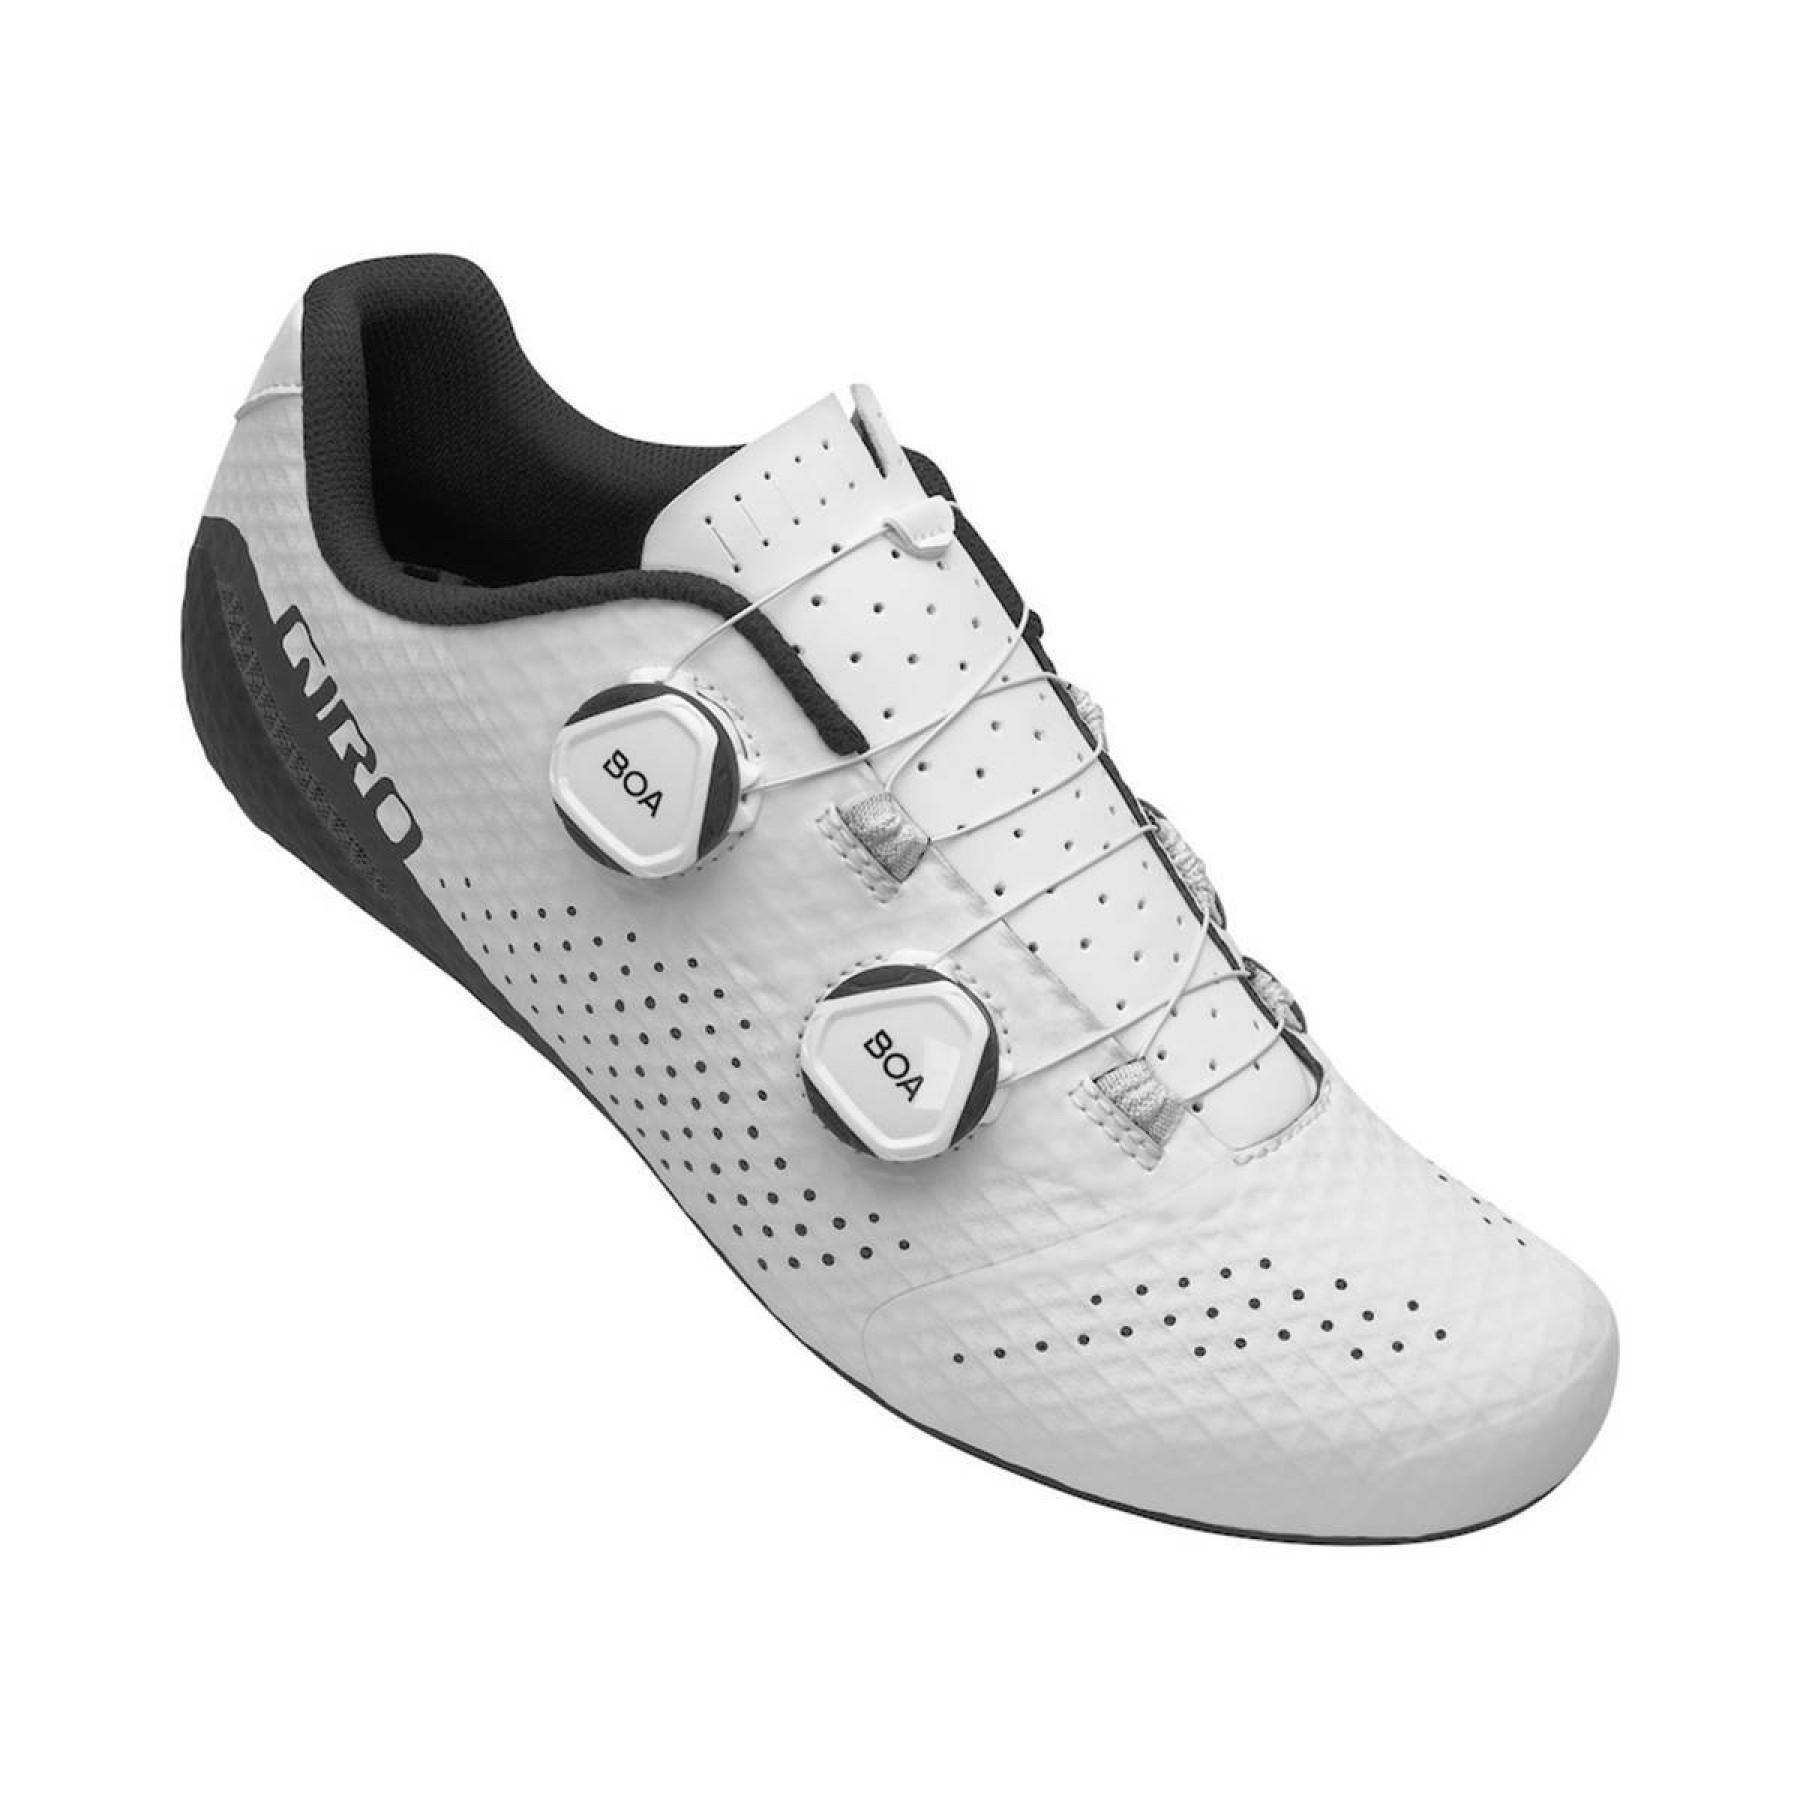 Giro Regime Schuhe